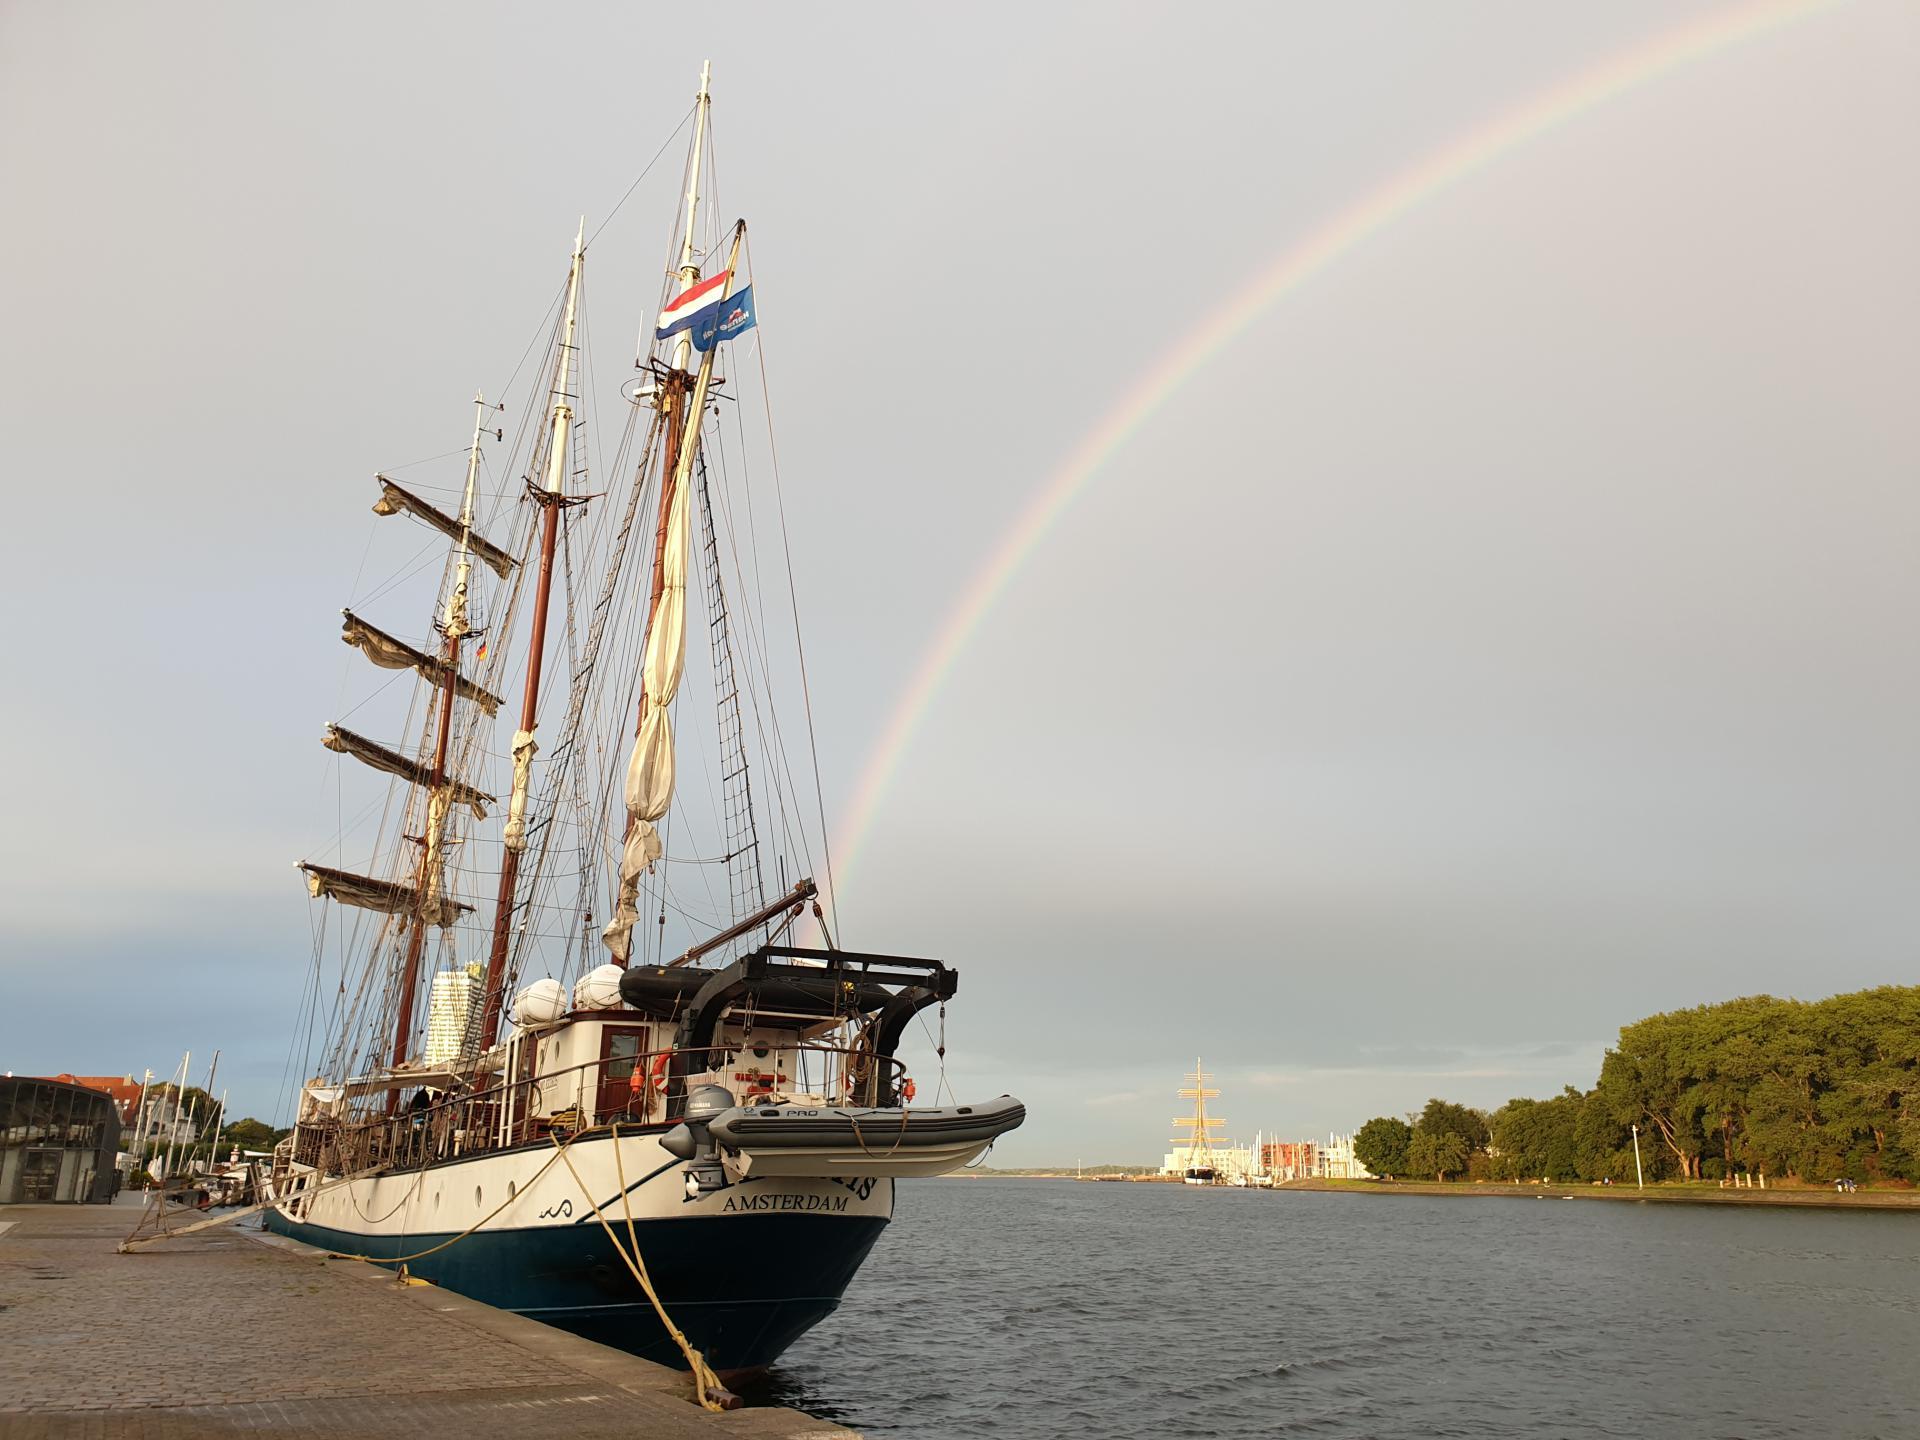 Regenbogen oben der Atlantis